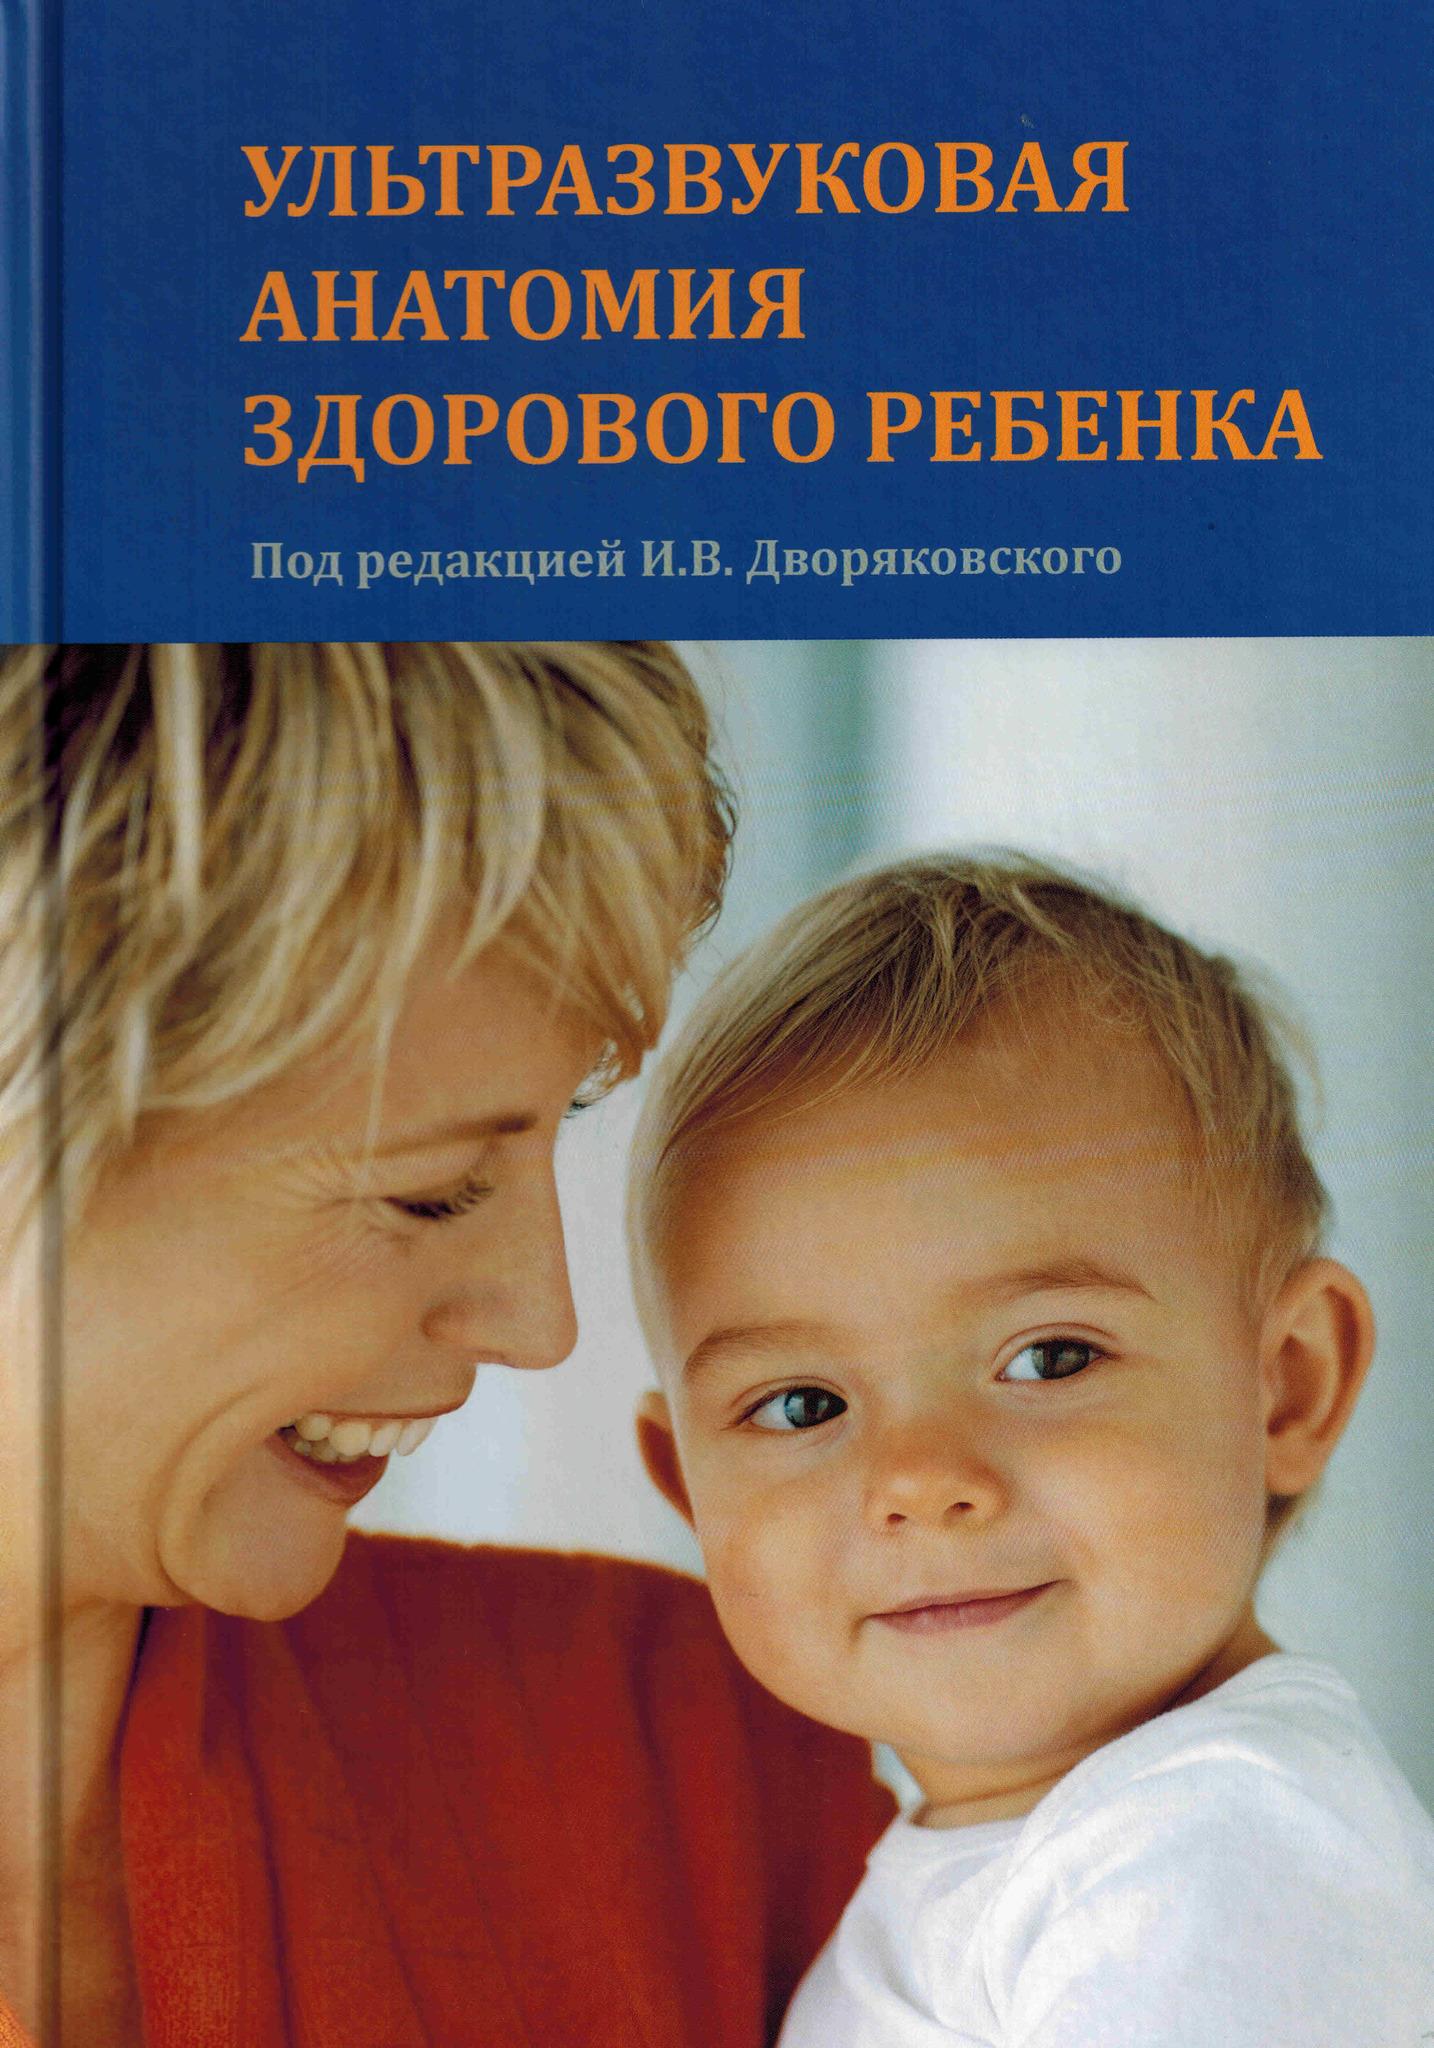 Книги по неонатологии Ультразвуковая анатомия здорового ребенка uzazr.jpg